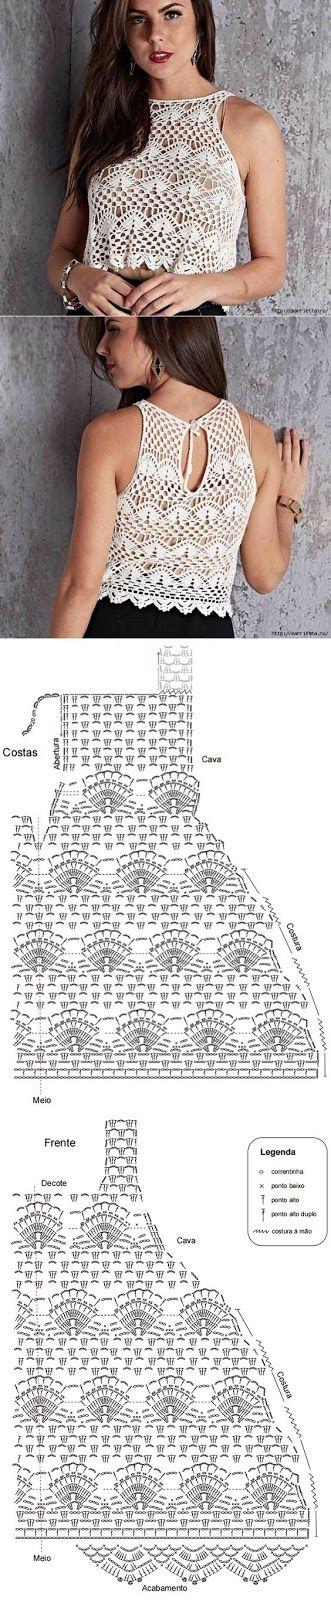 Encuentras una guía completa para tejer a crochet y dos agujas. No te pierdas patrones, gráficos, puntos fantasía, simbología. De todo